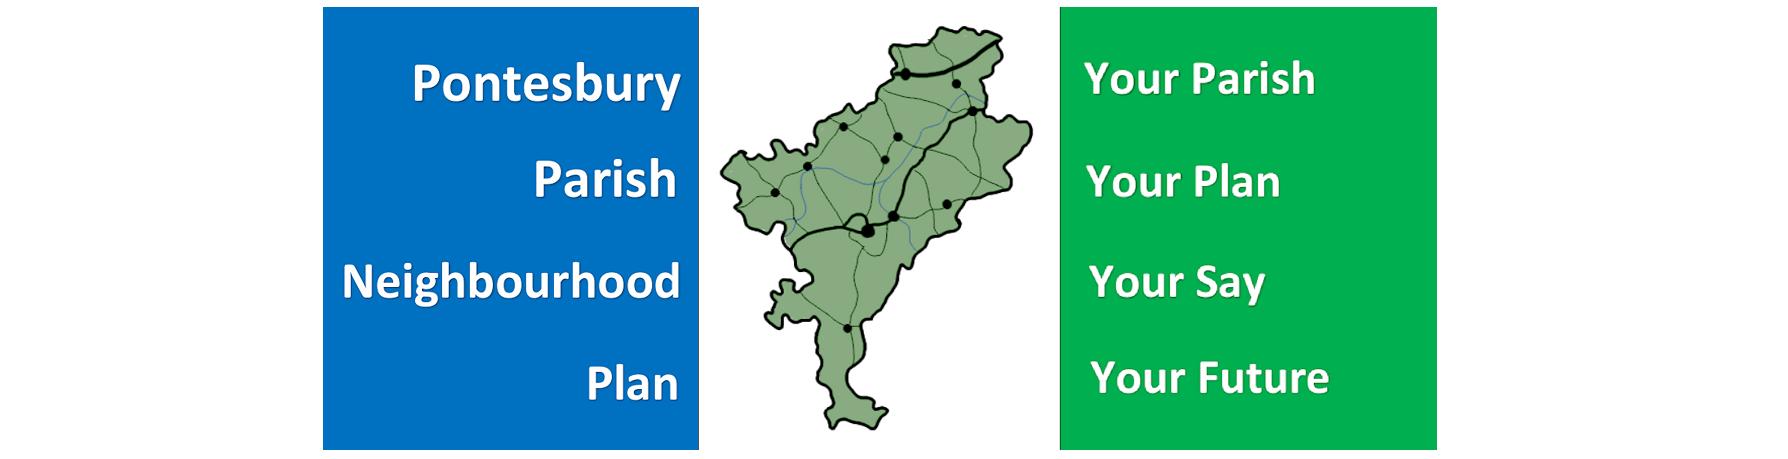 Pontesbury Neighbourhood Plan